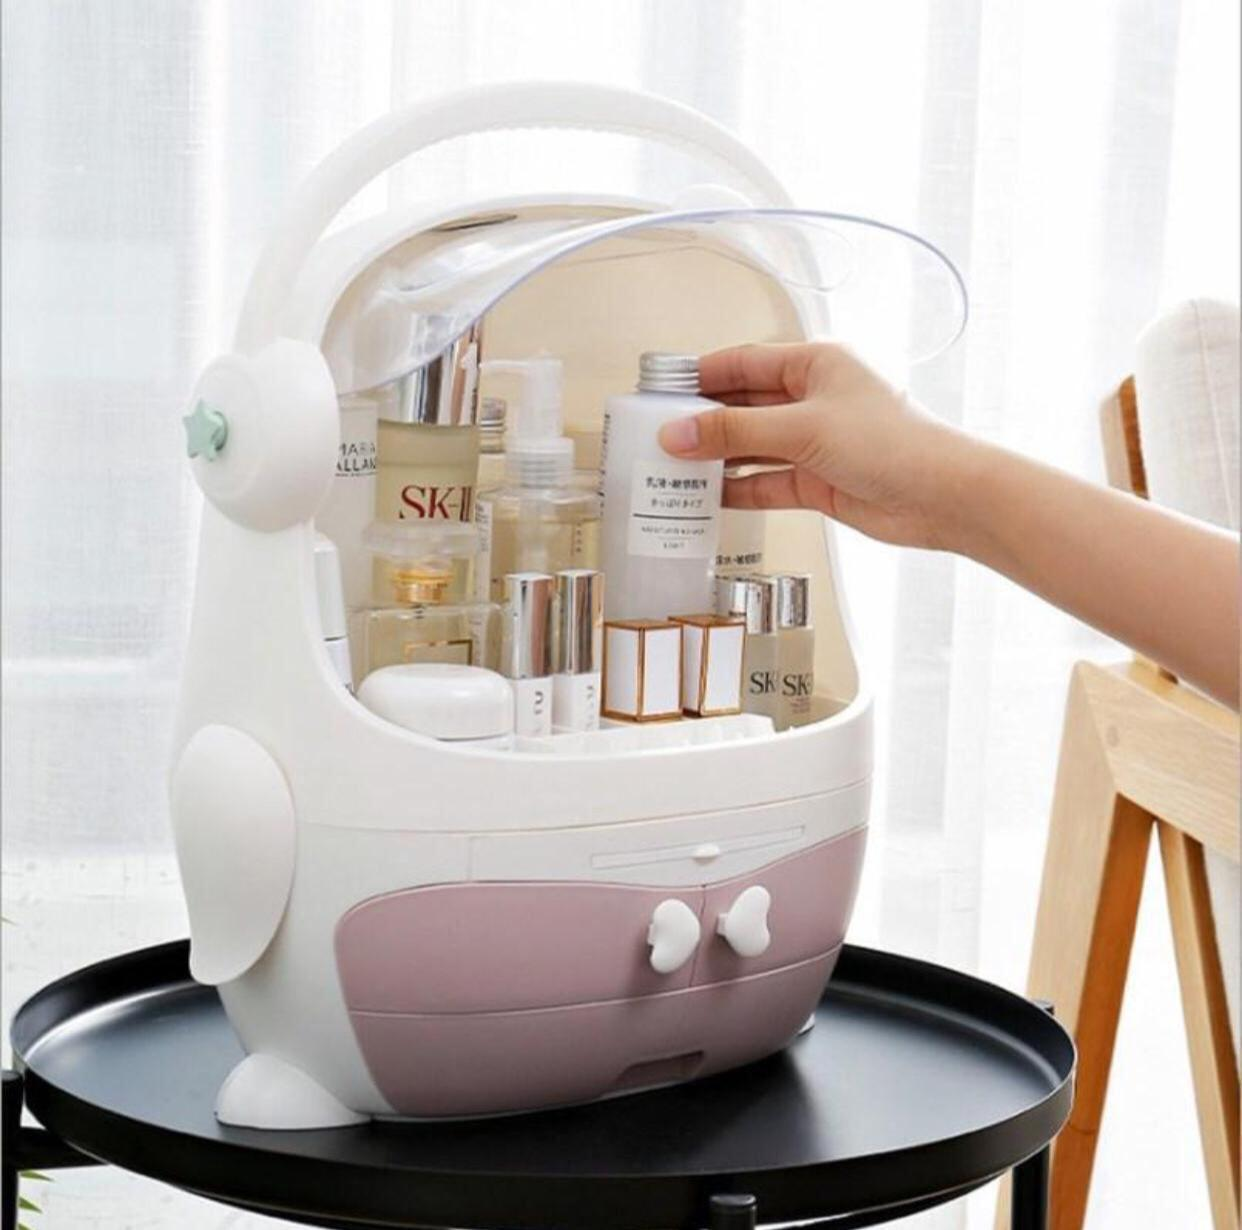 حقيبه لجميع انواع التخزين الشخصي للمكياج او ادوات االاستحمام